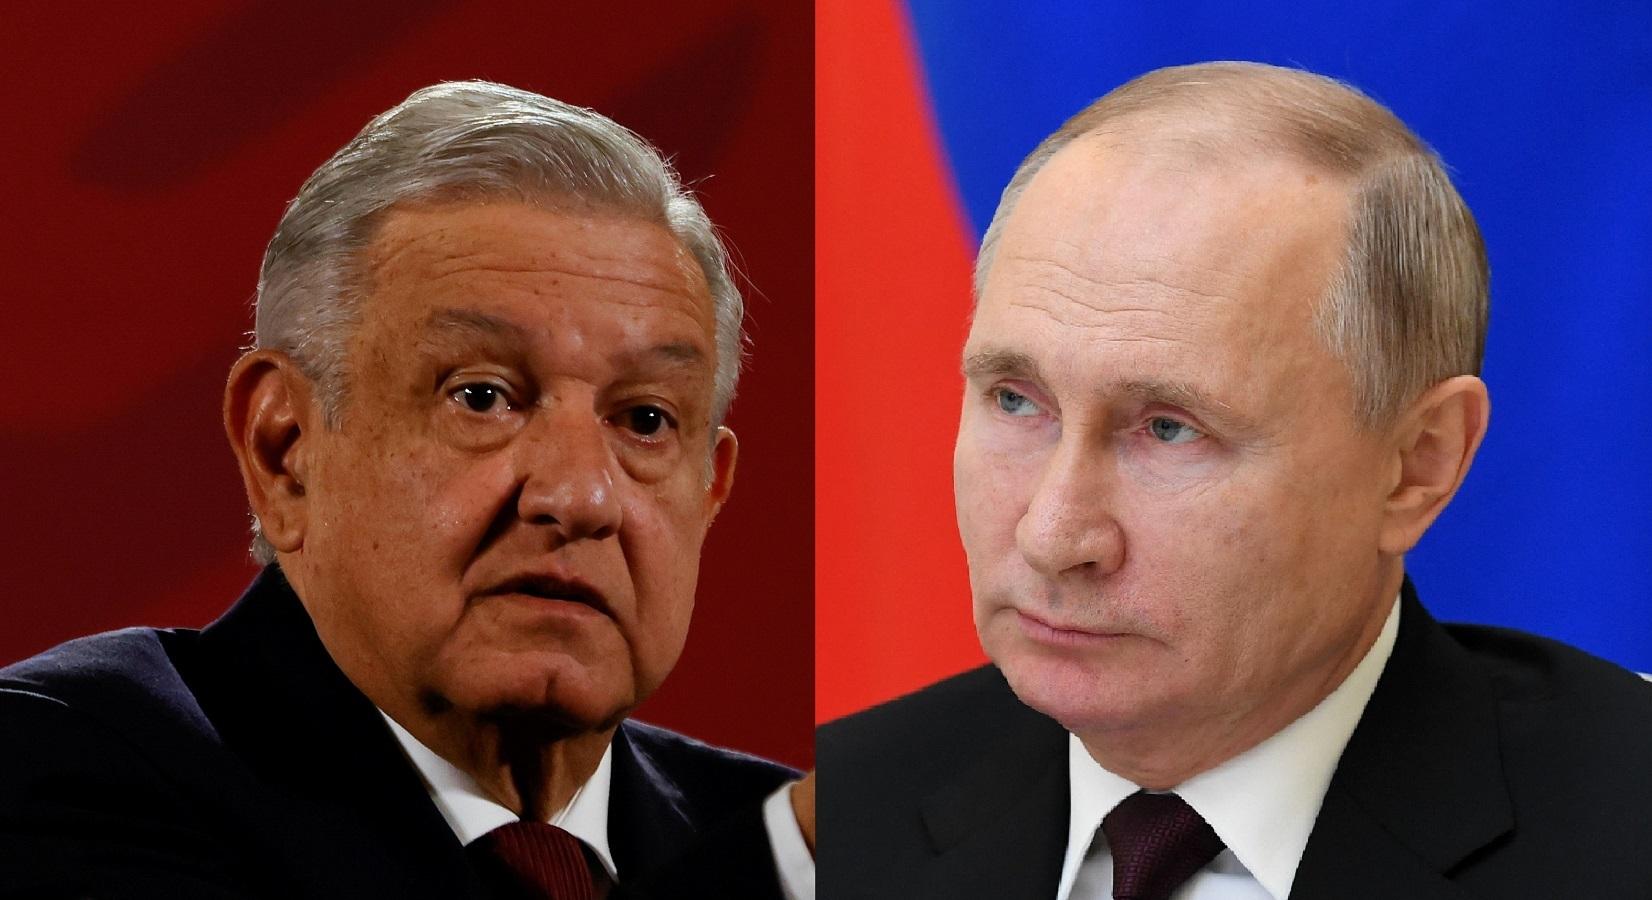 الكرملين: رئيس المكسيك سيبحث مع بوتين توريدات لقاح